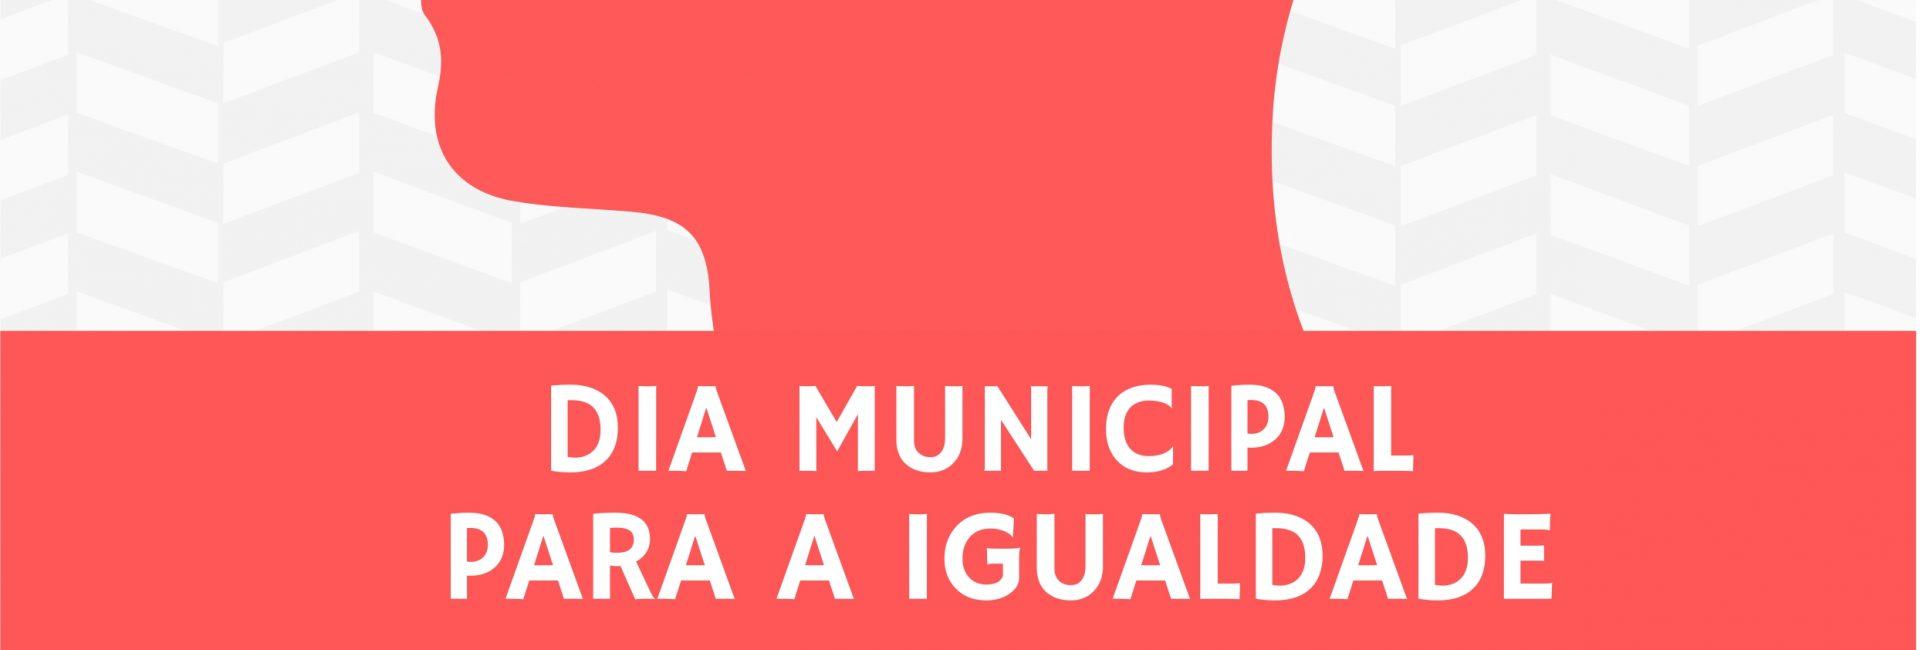 Dia Mundial para a Igualdade assinalado na Lousã.